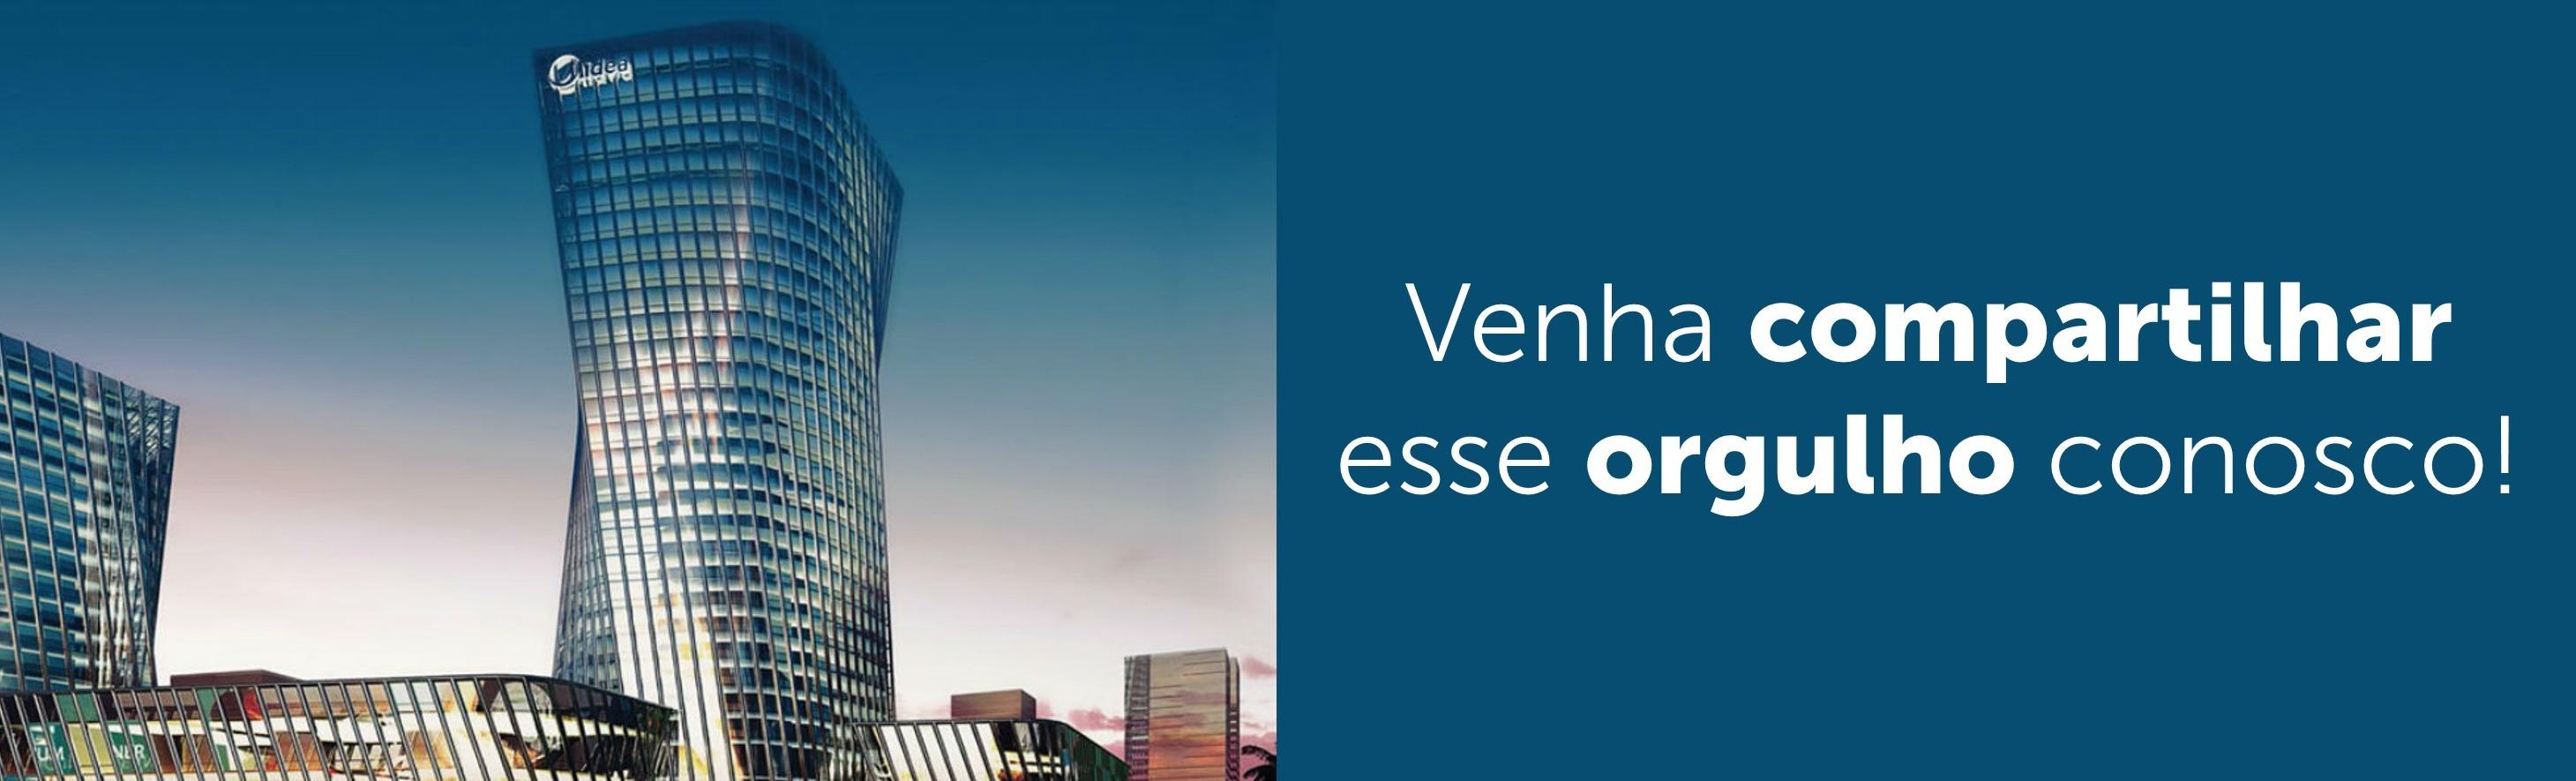 Analista Administrativo - Totaline Fortaleza